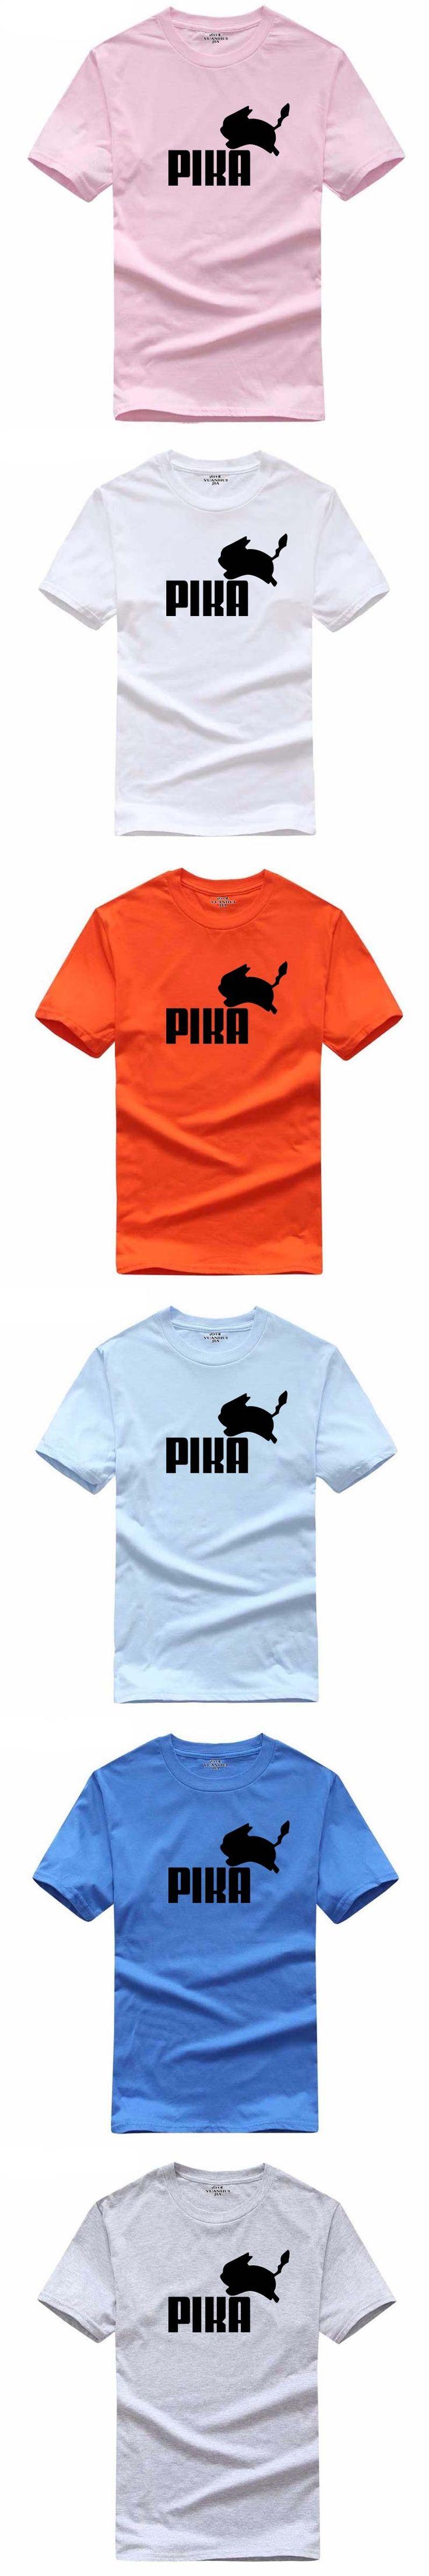 YUANHUIJIA men funny t-shirt Pokemon/Dragon ball print t shirt men casual short sleeves cartoon PIKA women t shirt plus size top